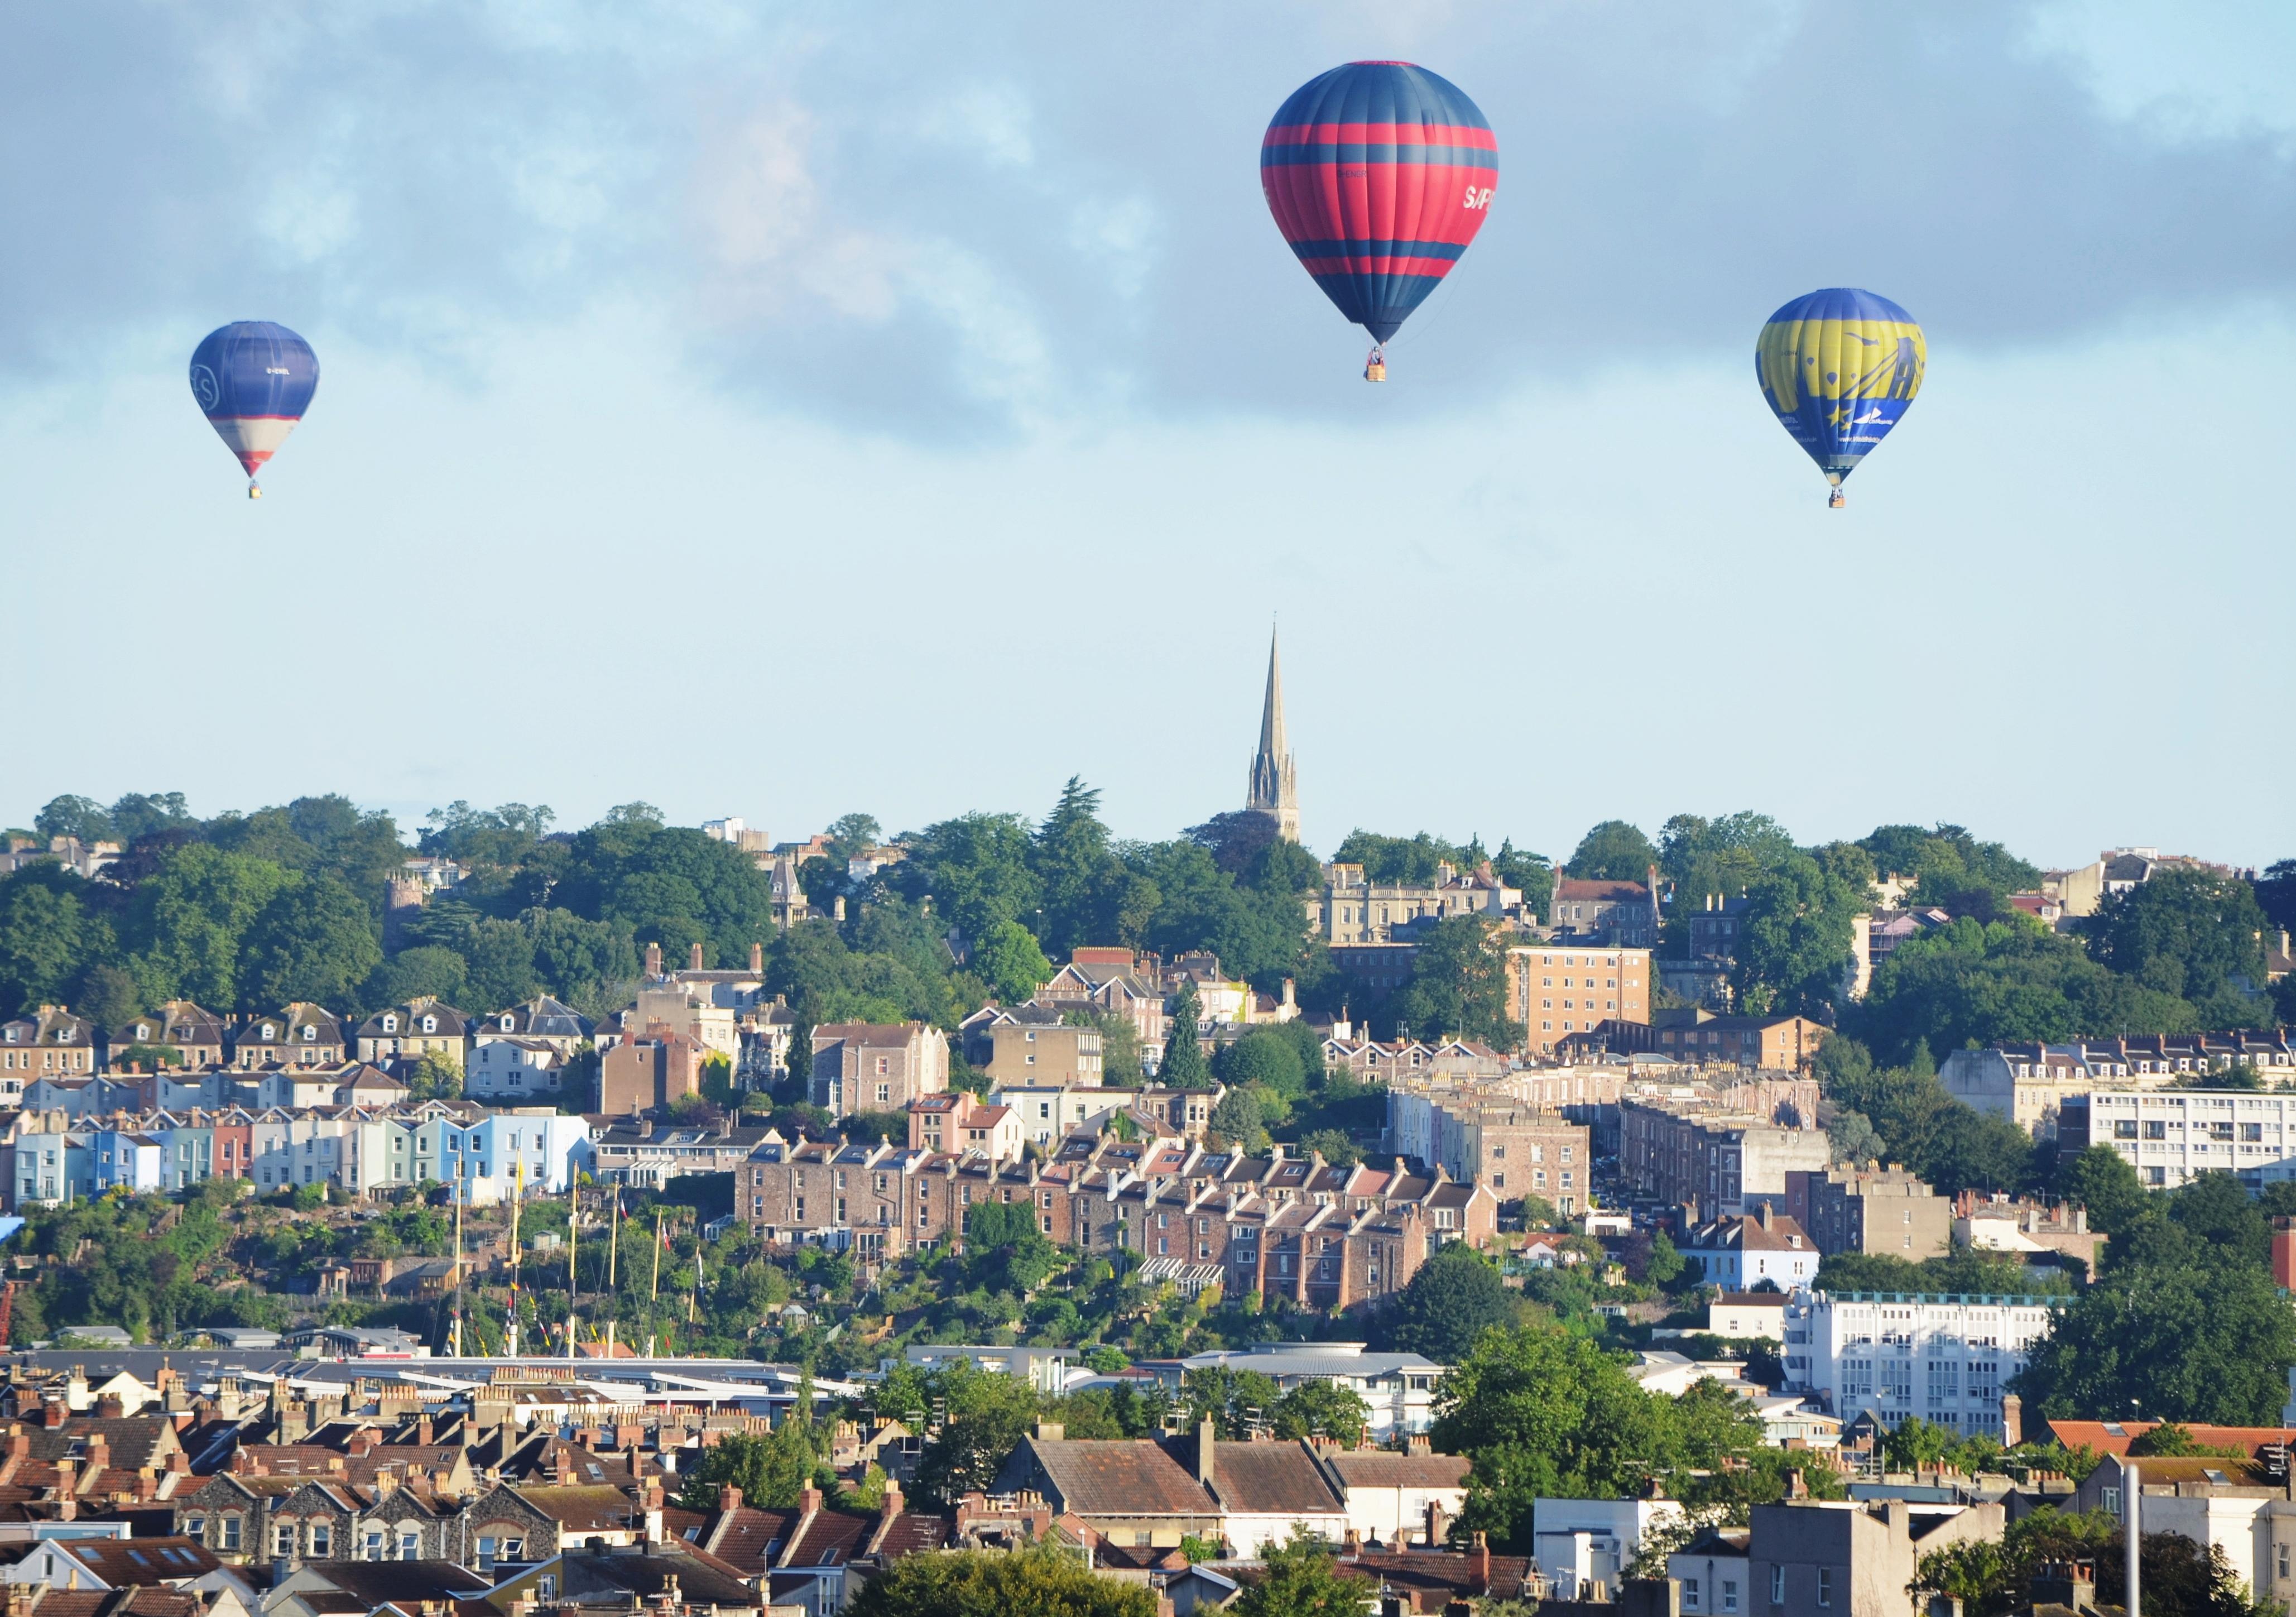 Auch für Fahrten mit dem Heißluftballon gibt es eine eigene Hochschulgruppe. Foto: flickr.com /nicksarebi (https://www.flickr.com/photos/34517490@N00/9486962934/) (CC BY 2.0)  (https://creativecommons.org/licenses/by/2.0/)